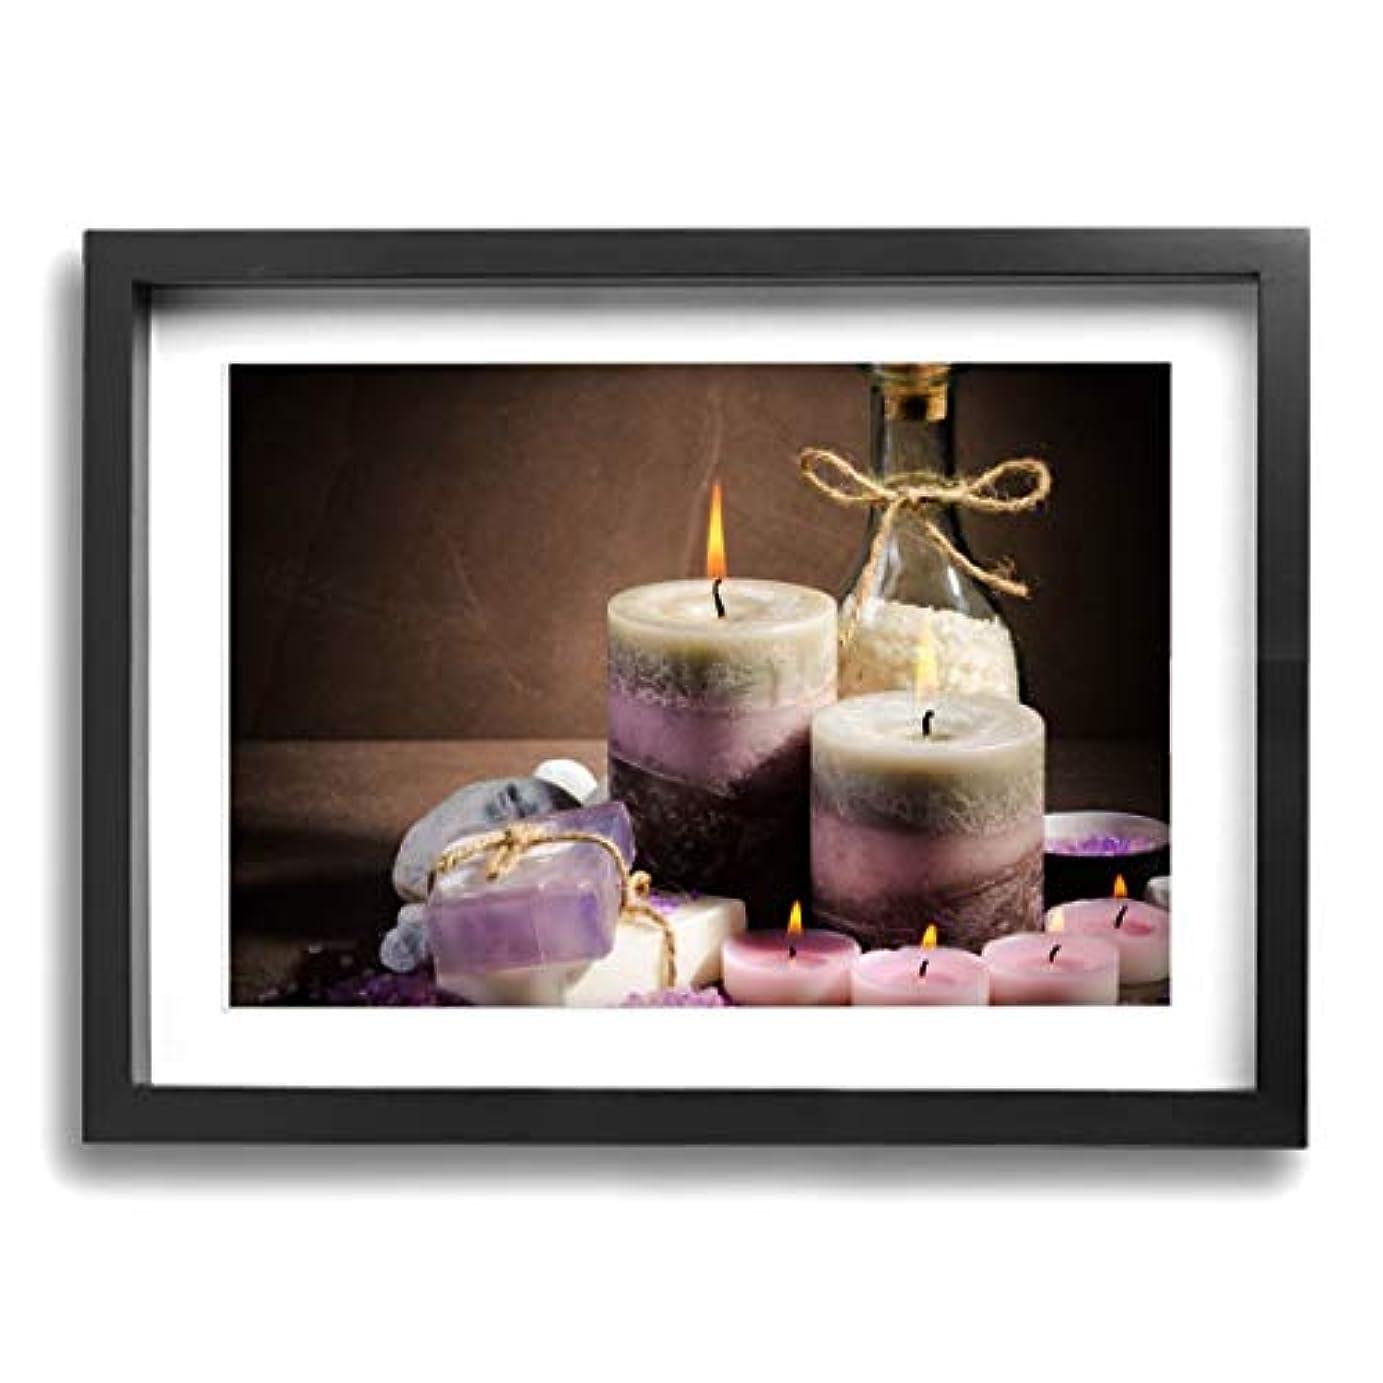 魅力的な芸術 30x40cm Spa Purple Color Candle Oil キャンバスの壁アート 画像プリント絵画リビングルームの壁の装飾と家の装飾のための現代アートワークハングする準備ができて